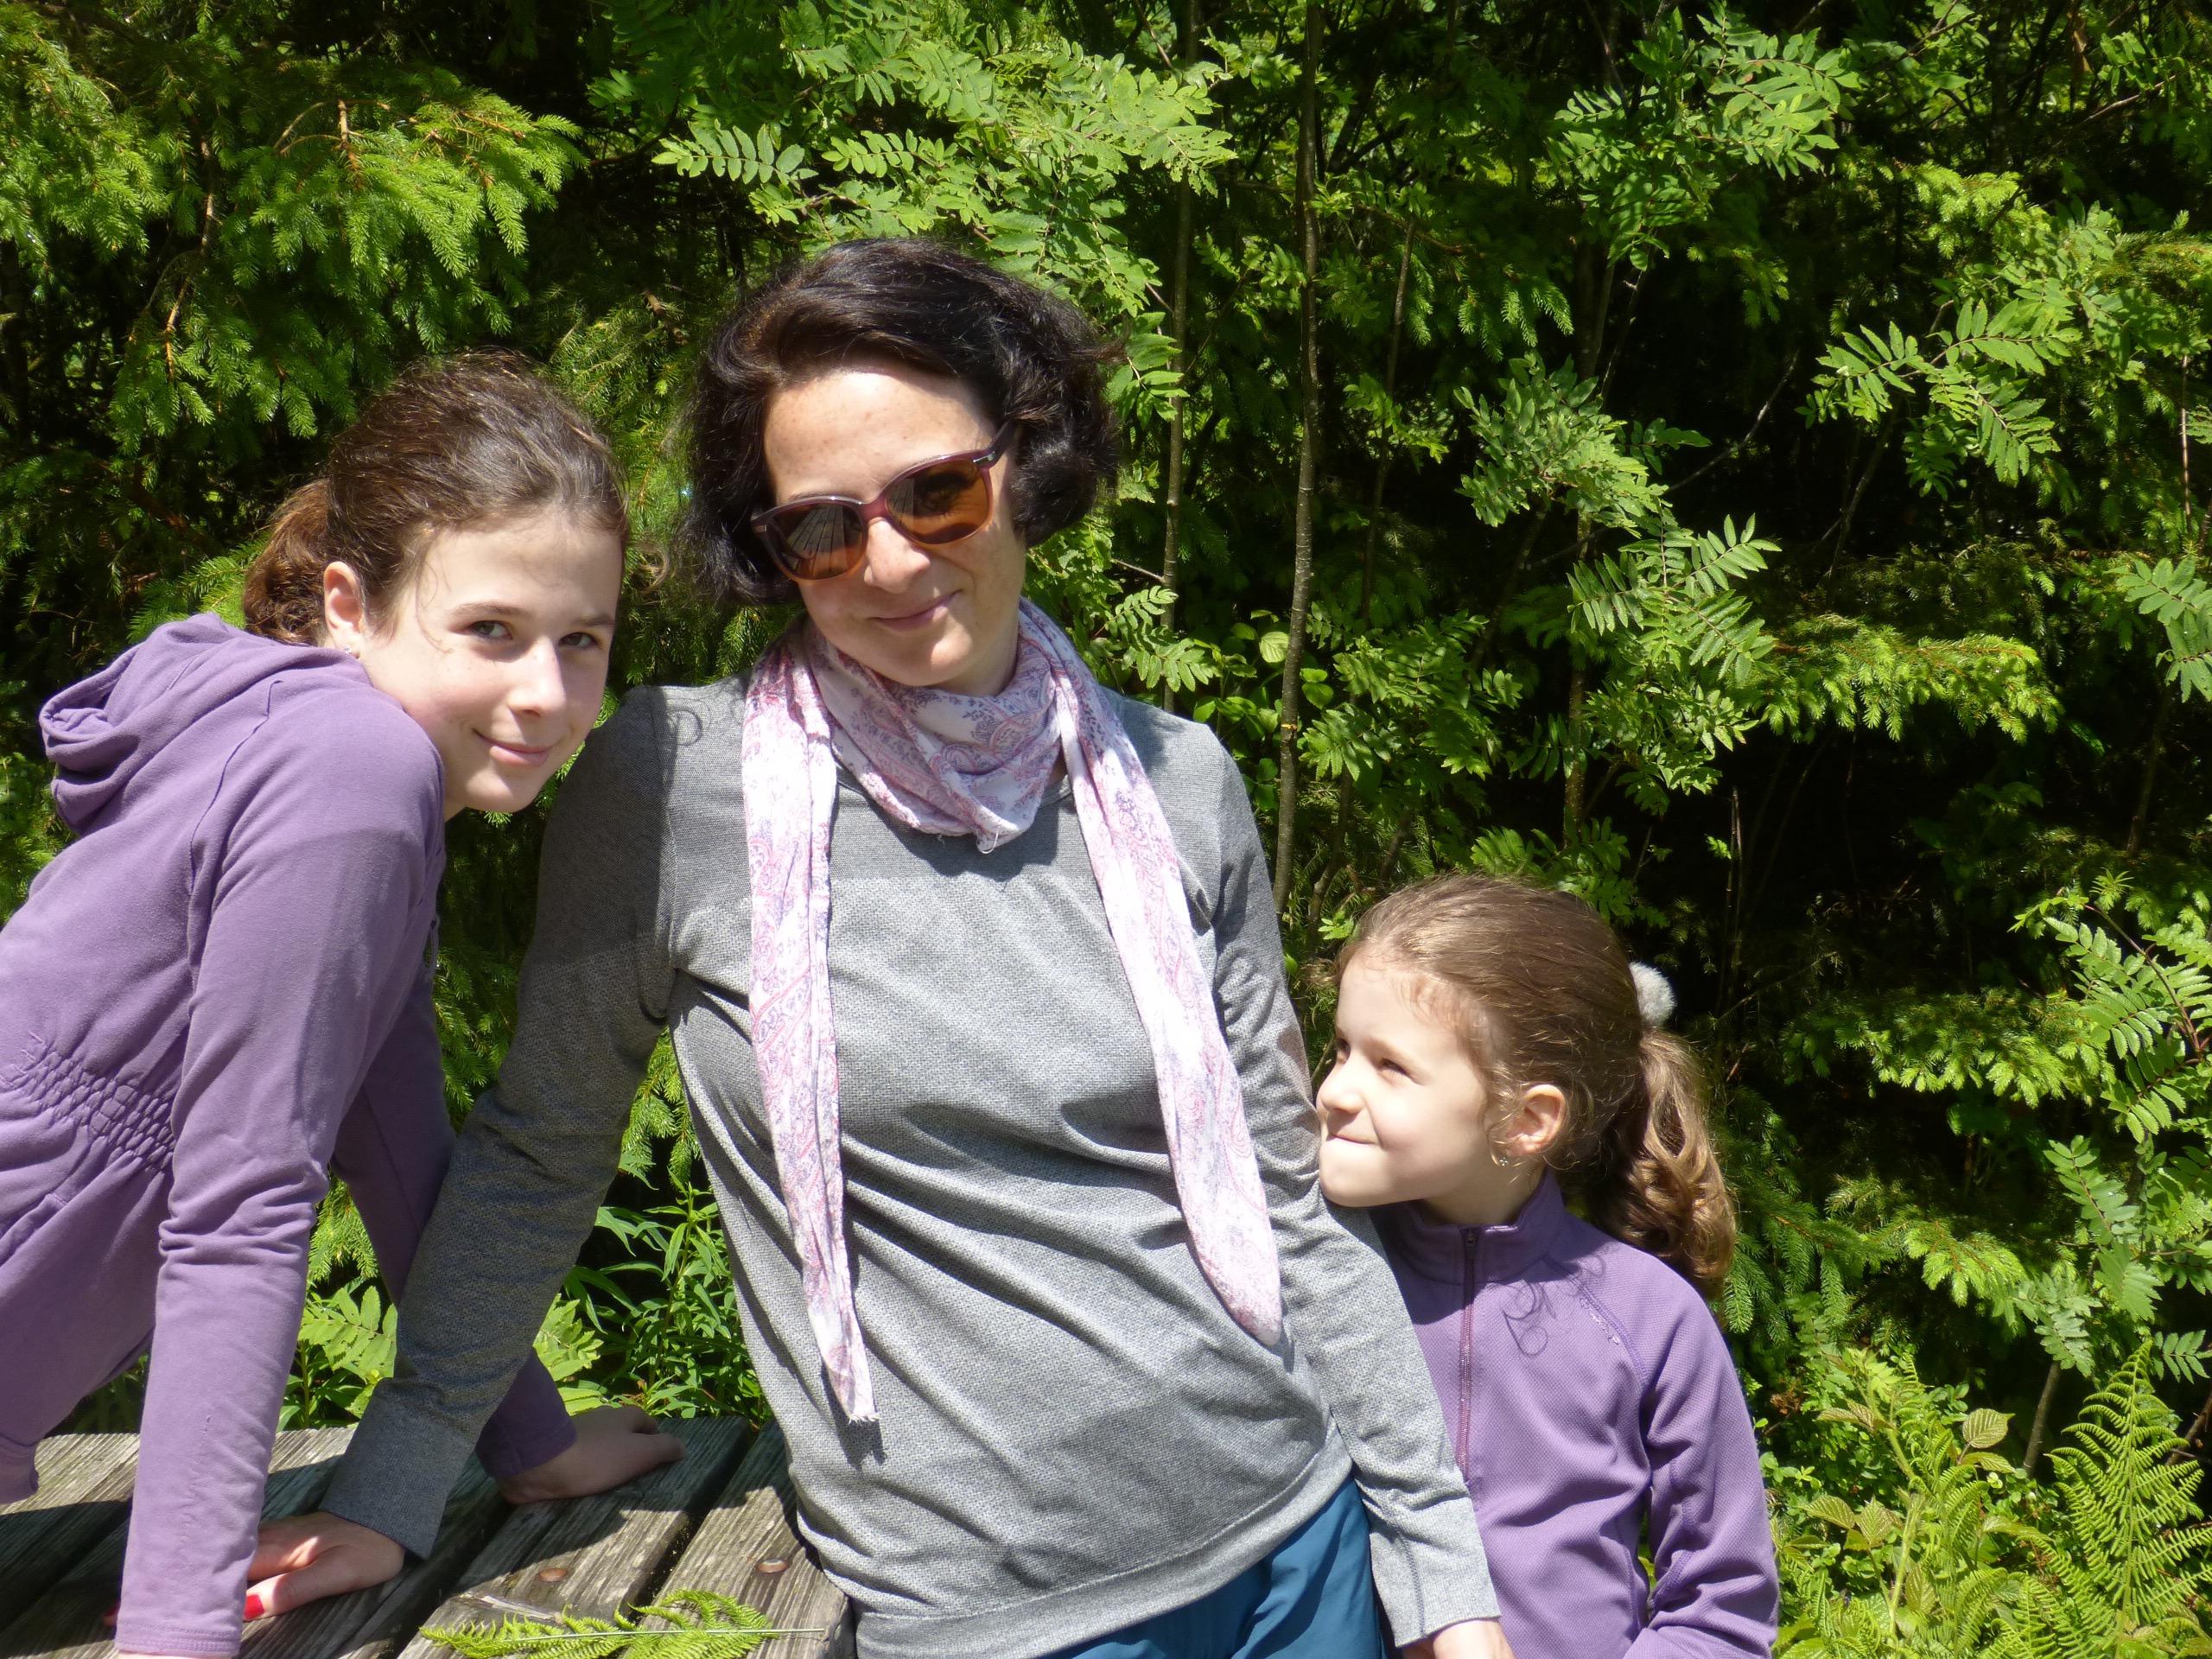 Próbálok jól nevelt anyaként viselkedni. Csak akkor beszélek, ha kérdeznek – Interjú a Nők Lapja Cafén